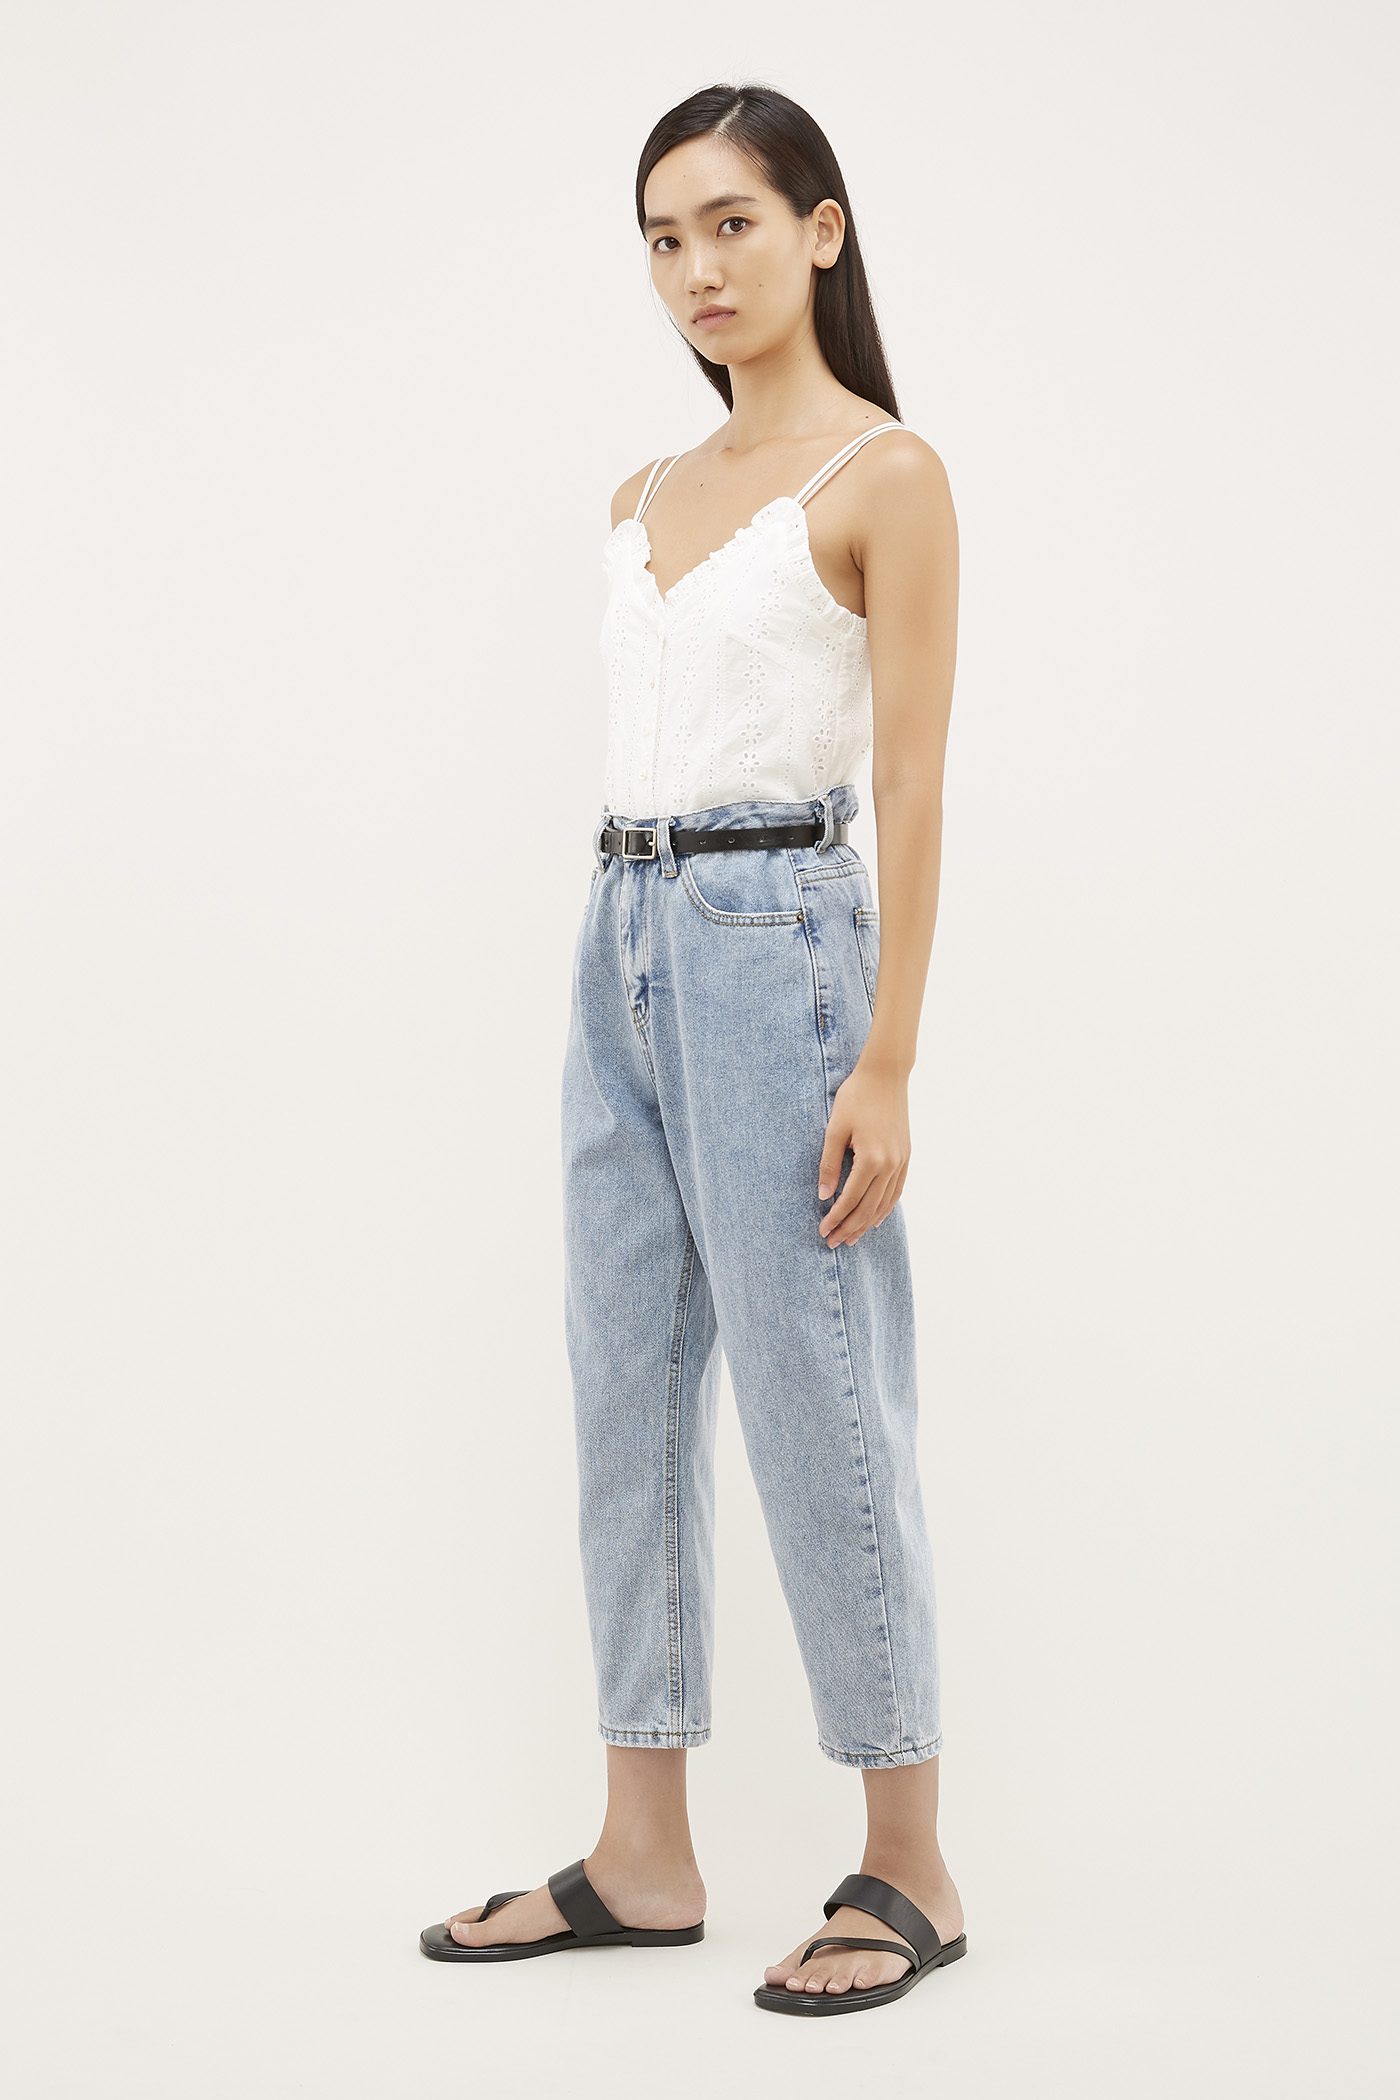 Teagen High-Waisted Jeans